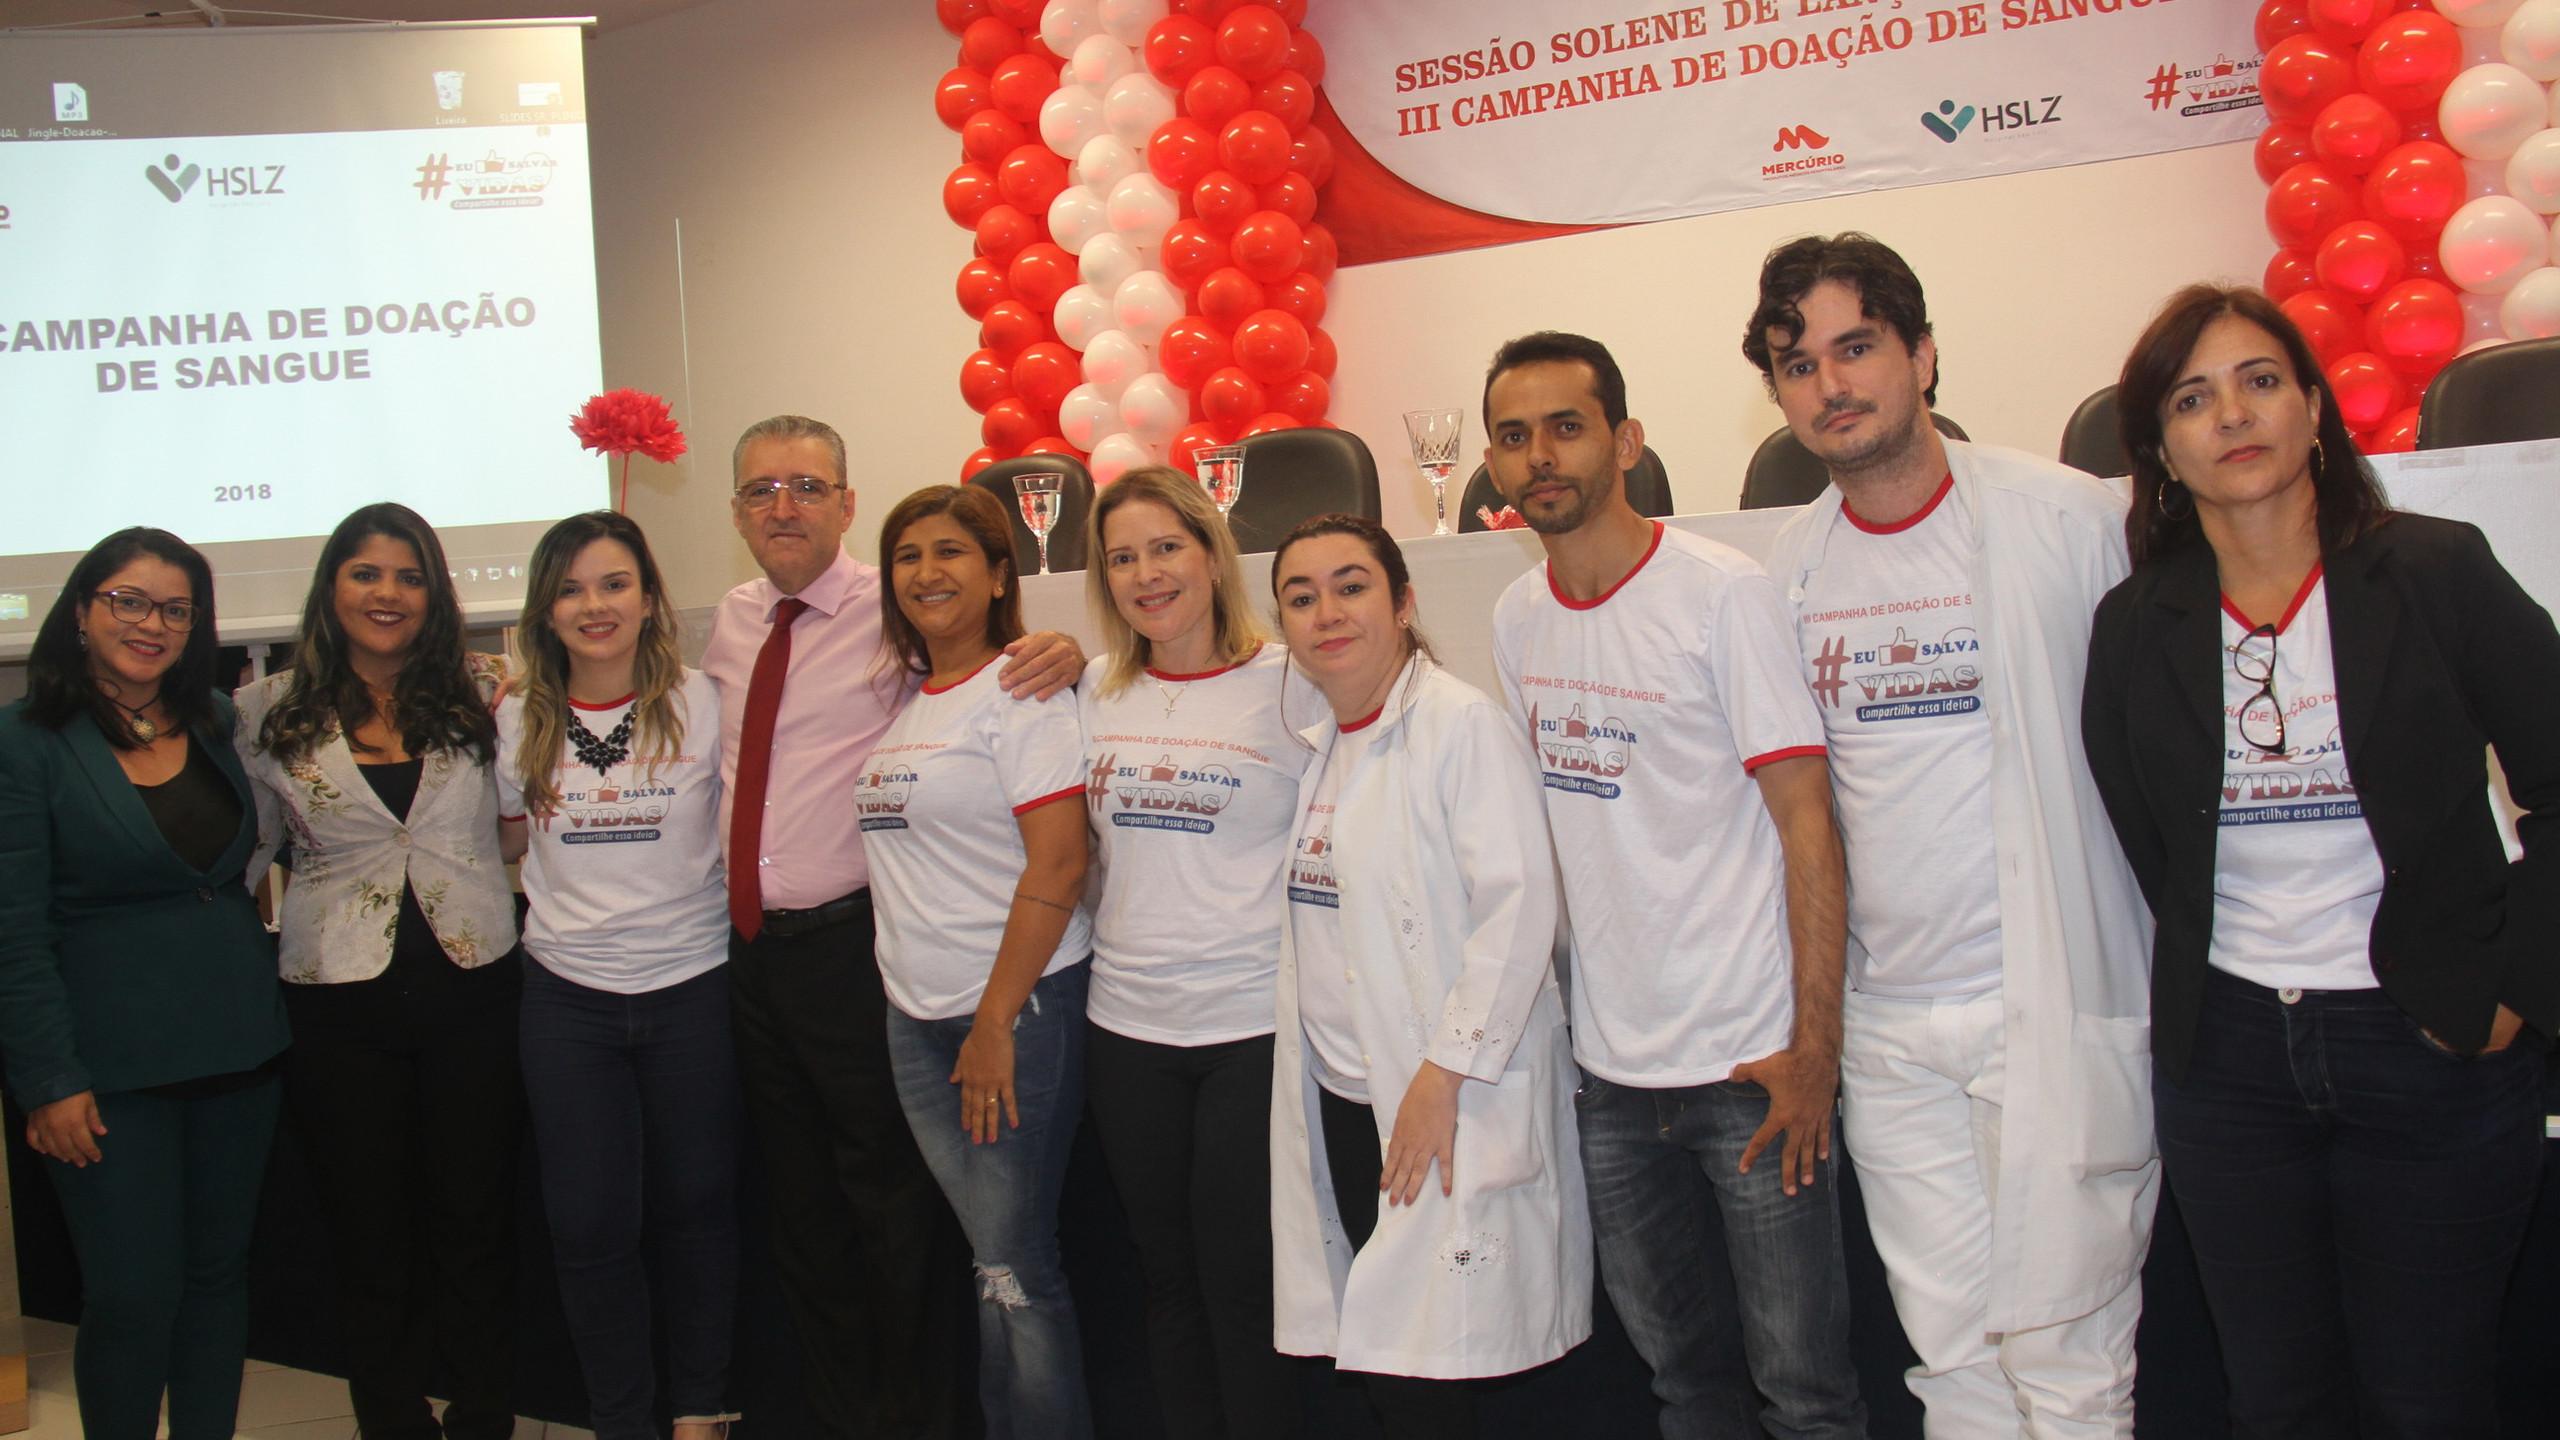 Plínio Tuzzolo, coordenador da III Campanha de Doação de Sangue com parte da equipe do HSLZ.